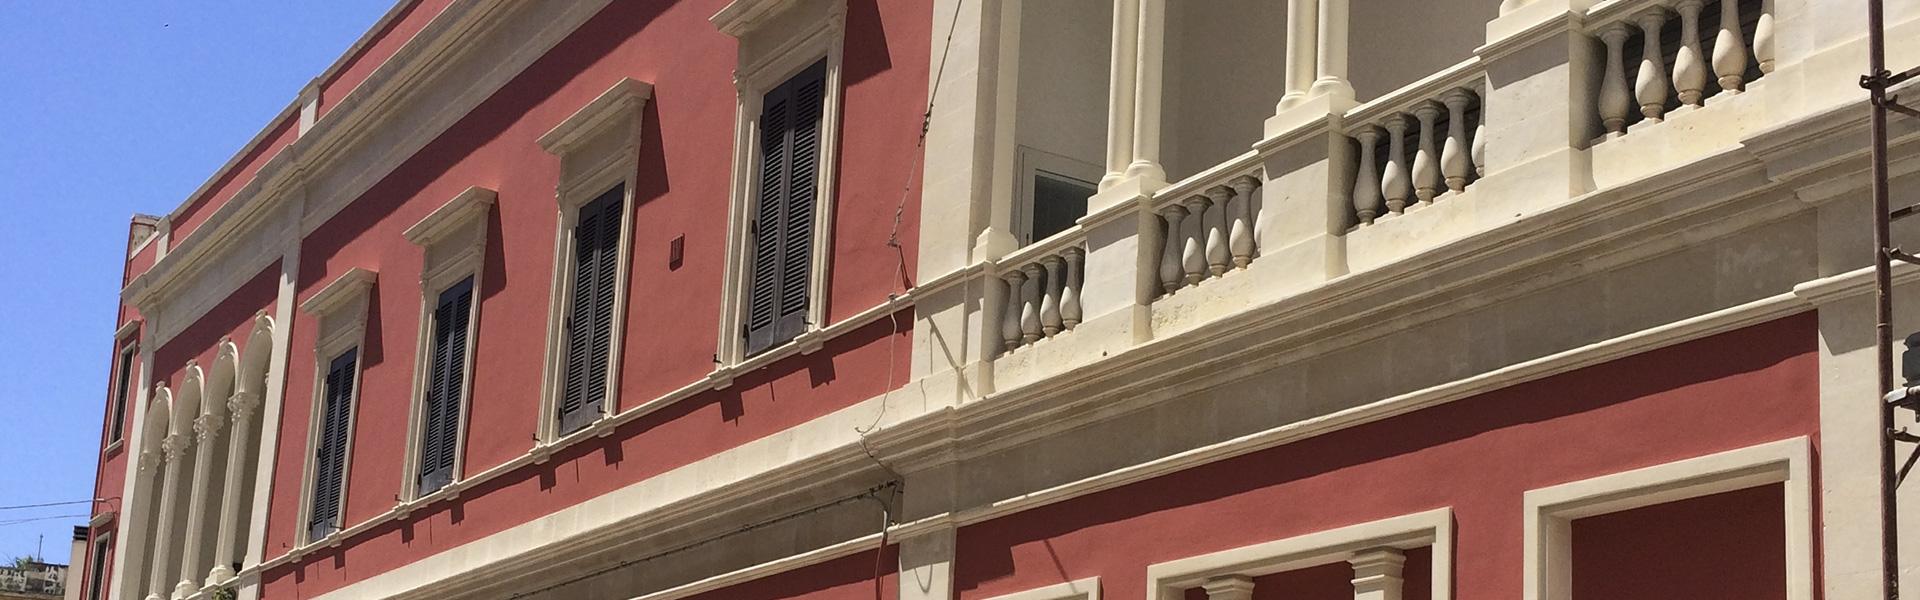 palazzo-ristrutturato